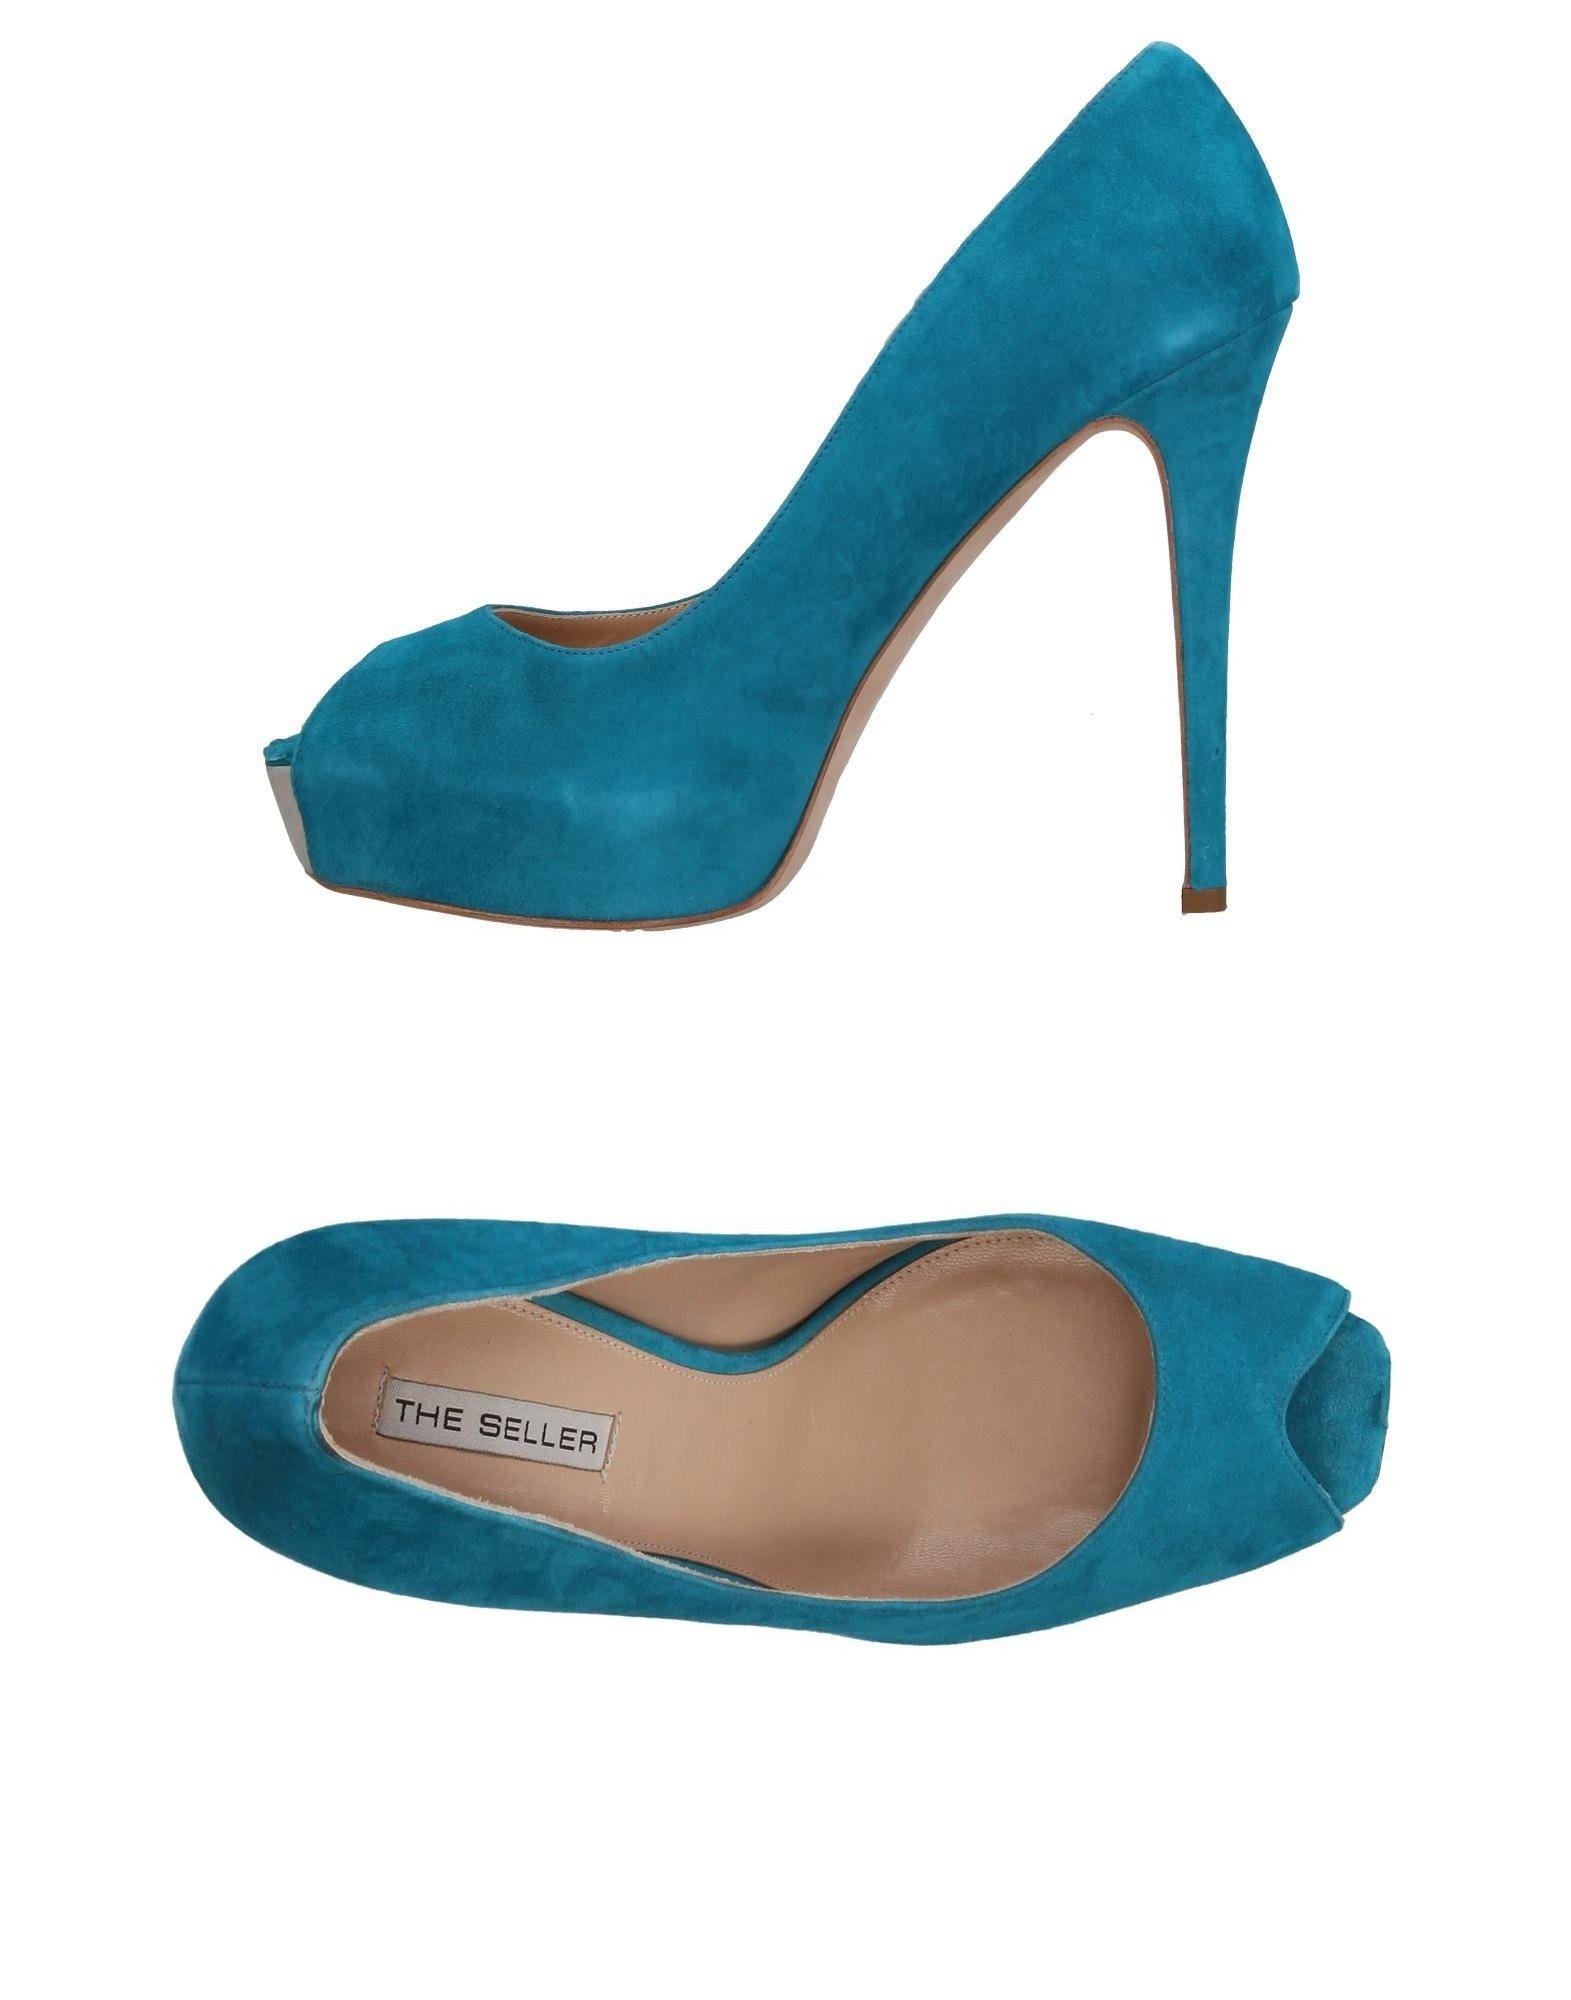 купить THE SELLER Туфли дешево